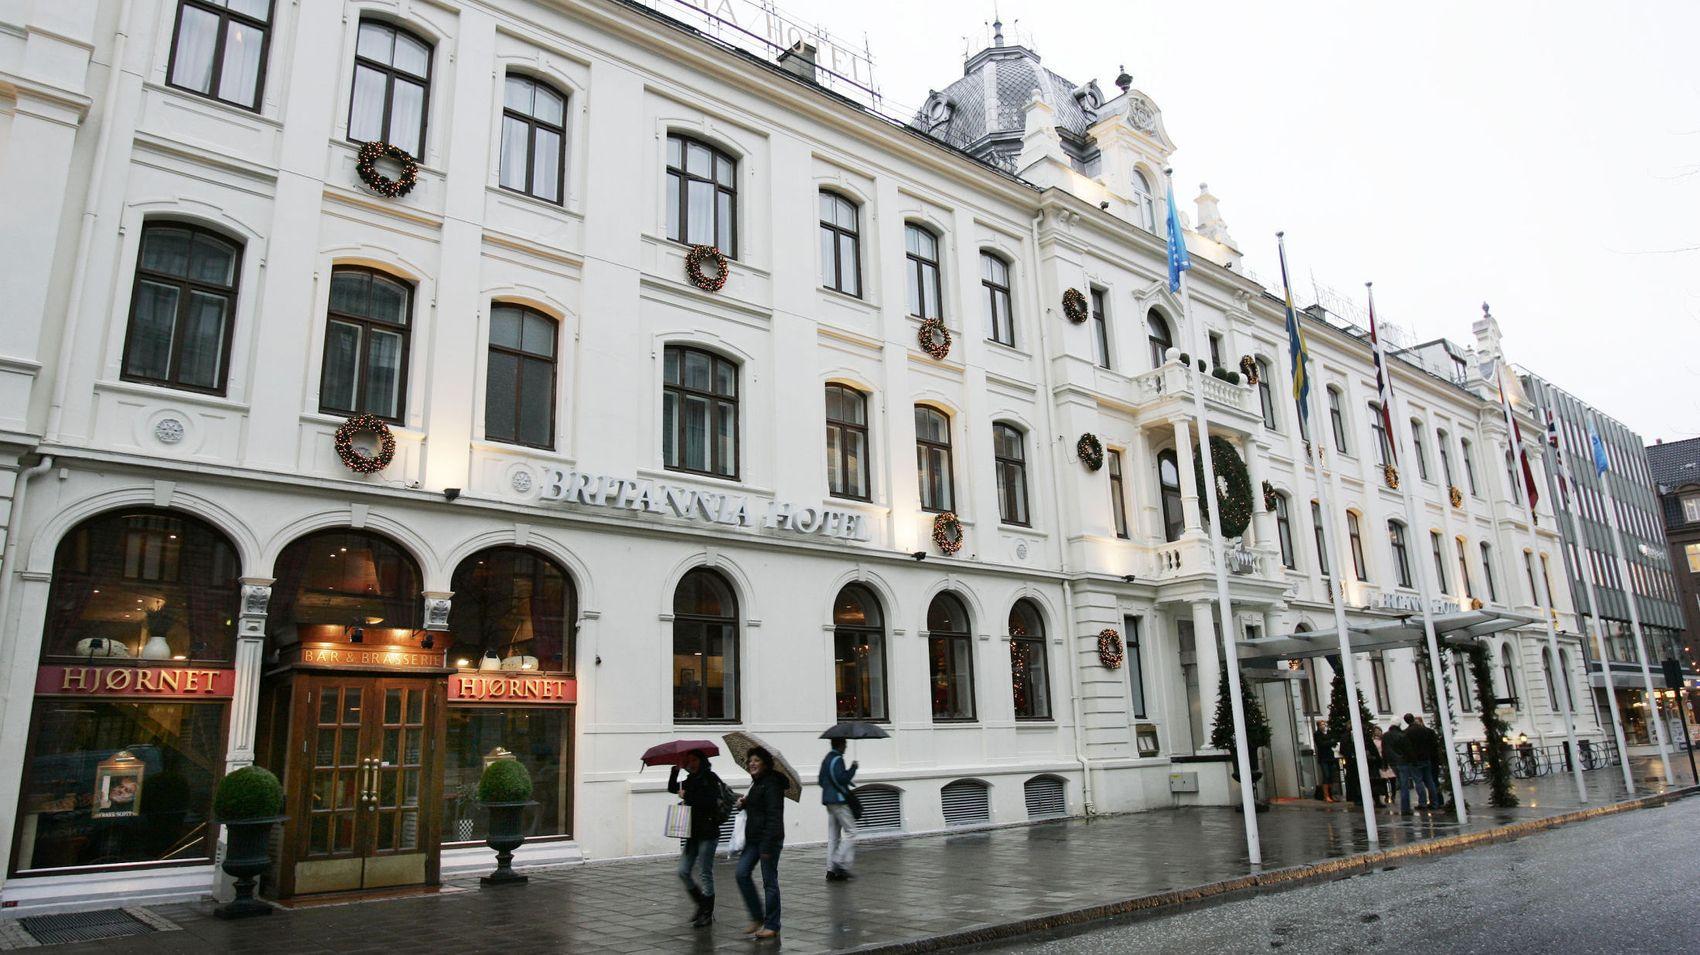 Baren i Britannia Hotell Sverresborg Trøndelag Folkemuseum